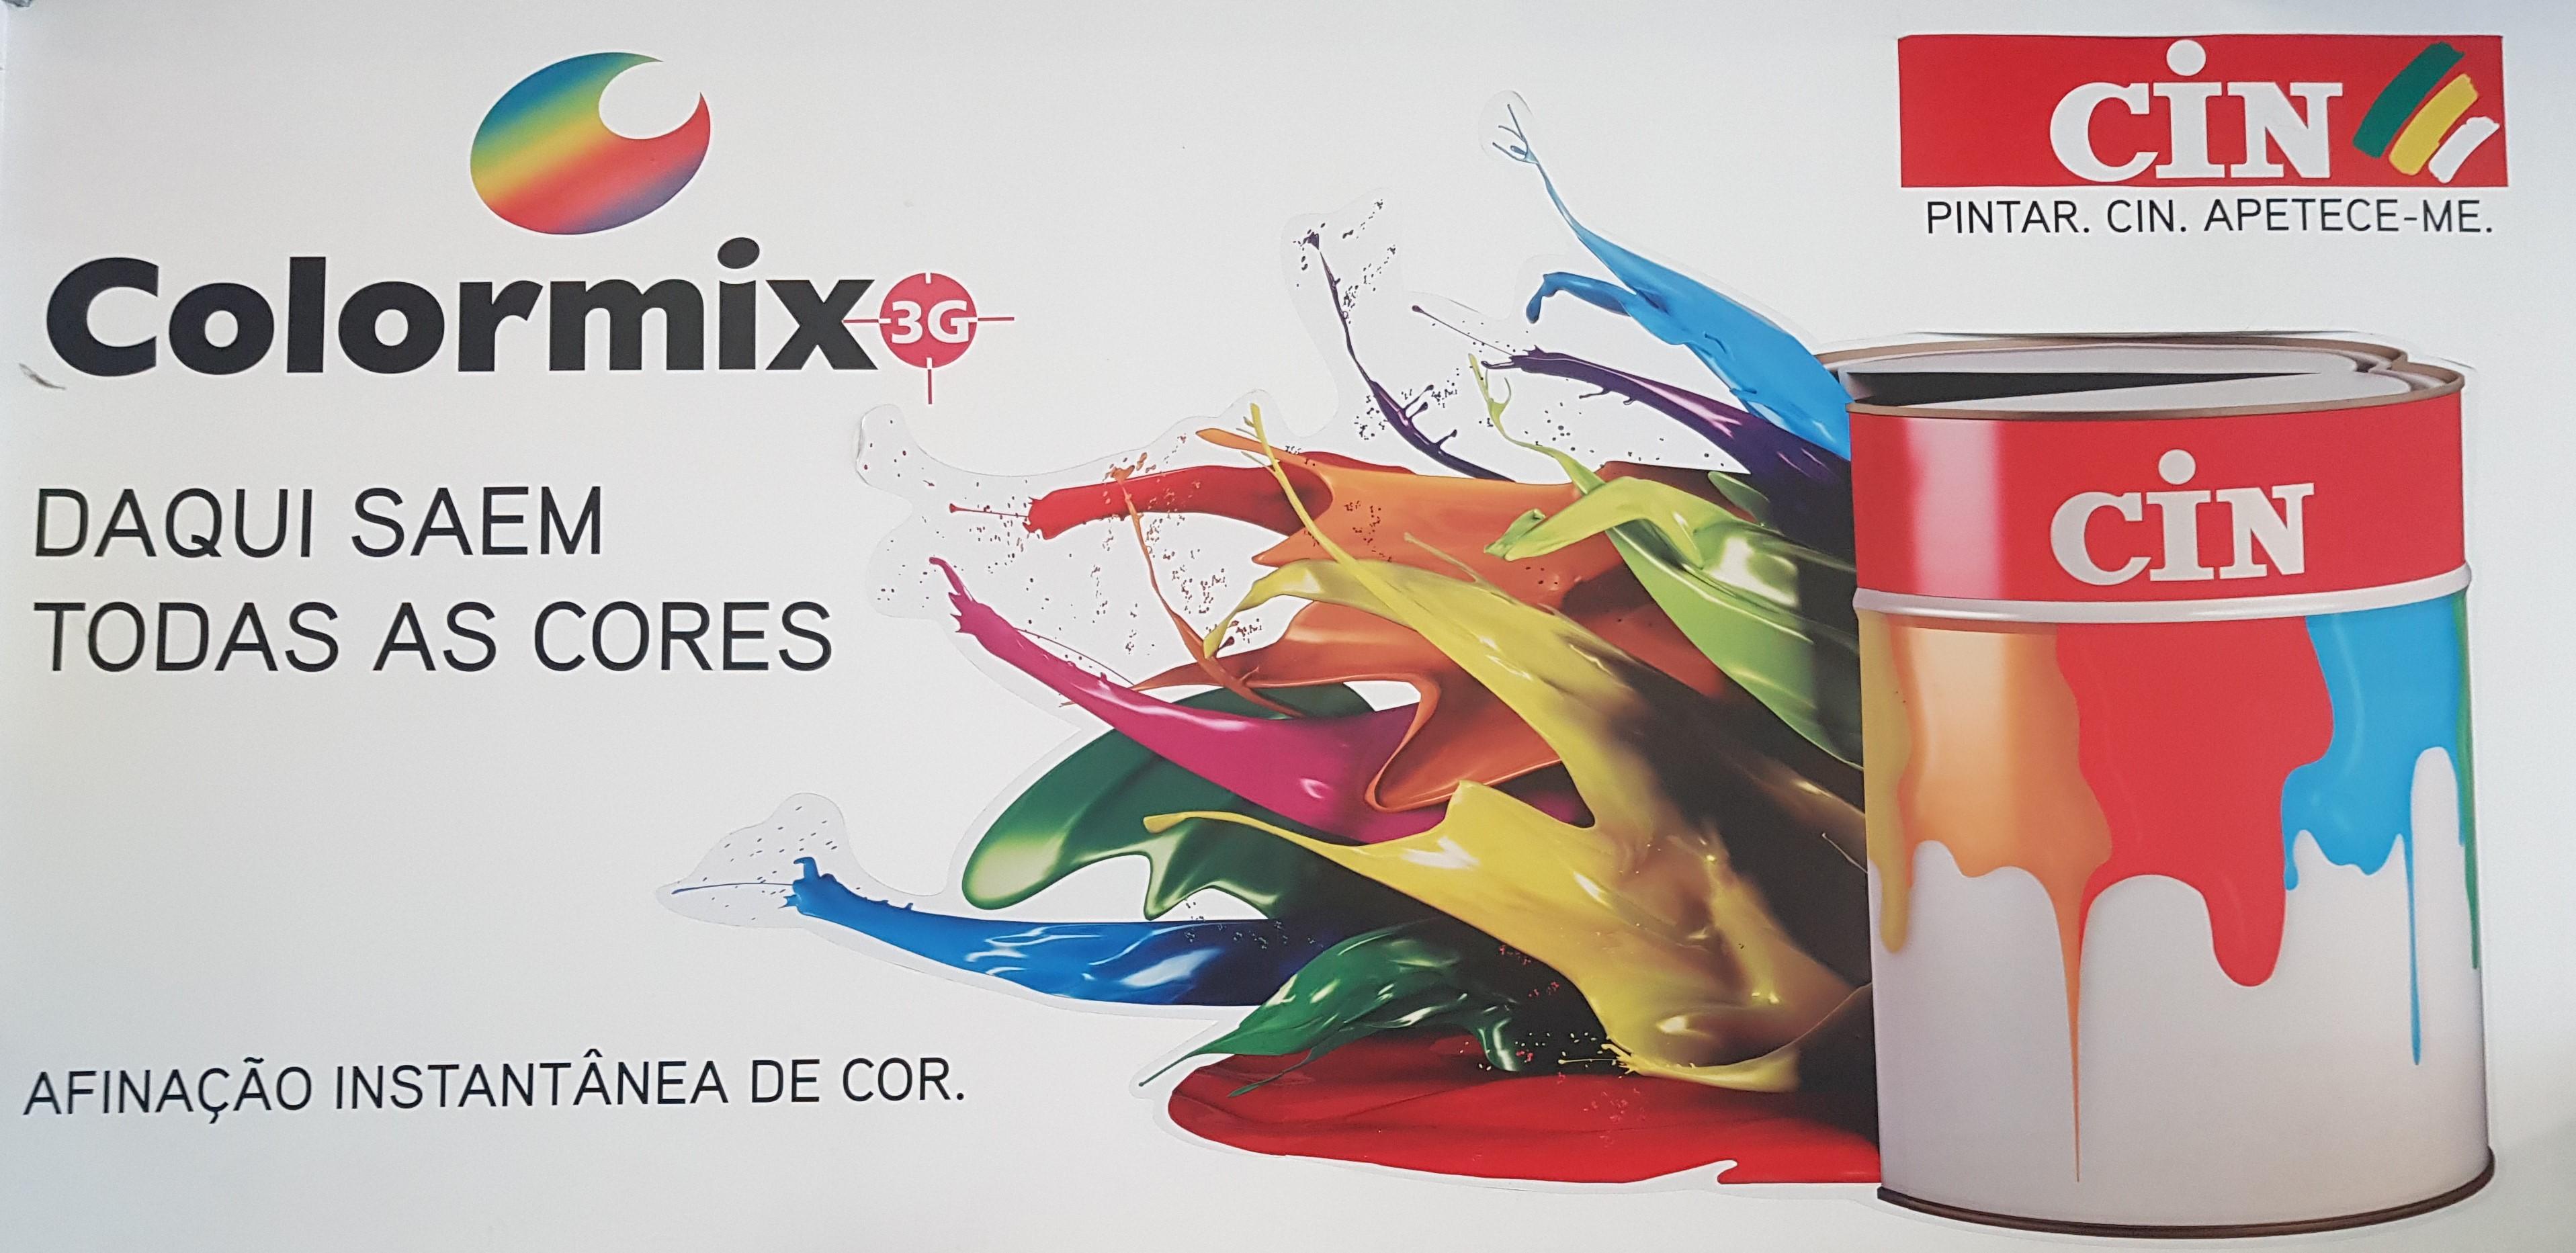 Colormix 3G Cin - Afinação instantânea de cor